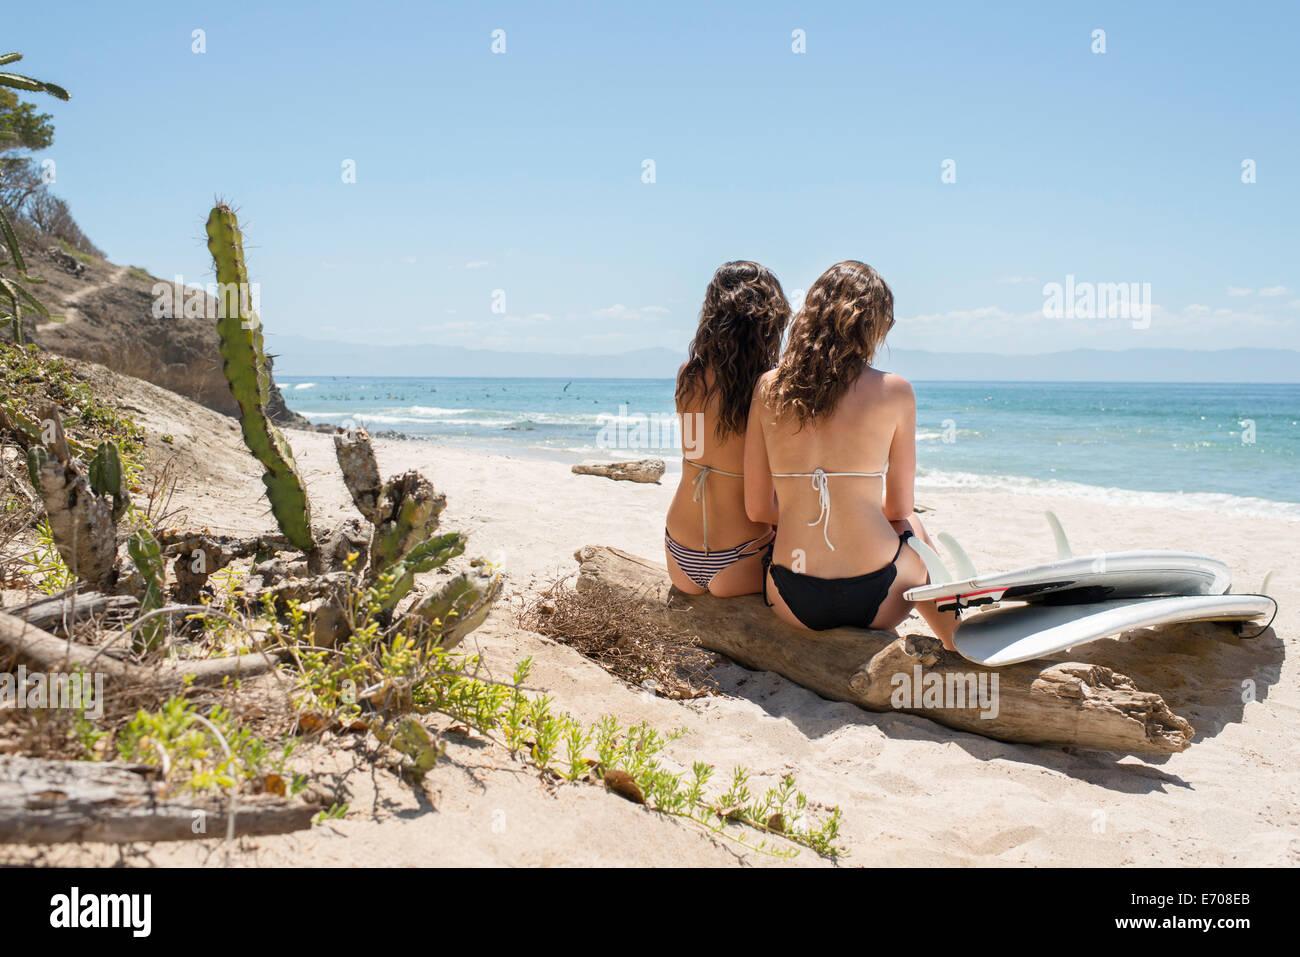 Due giovani donna seduta su driftwood a beach, tavola da surf nelle vicinanze Immagini Stock